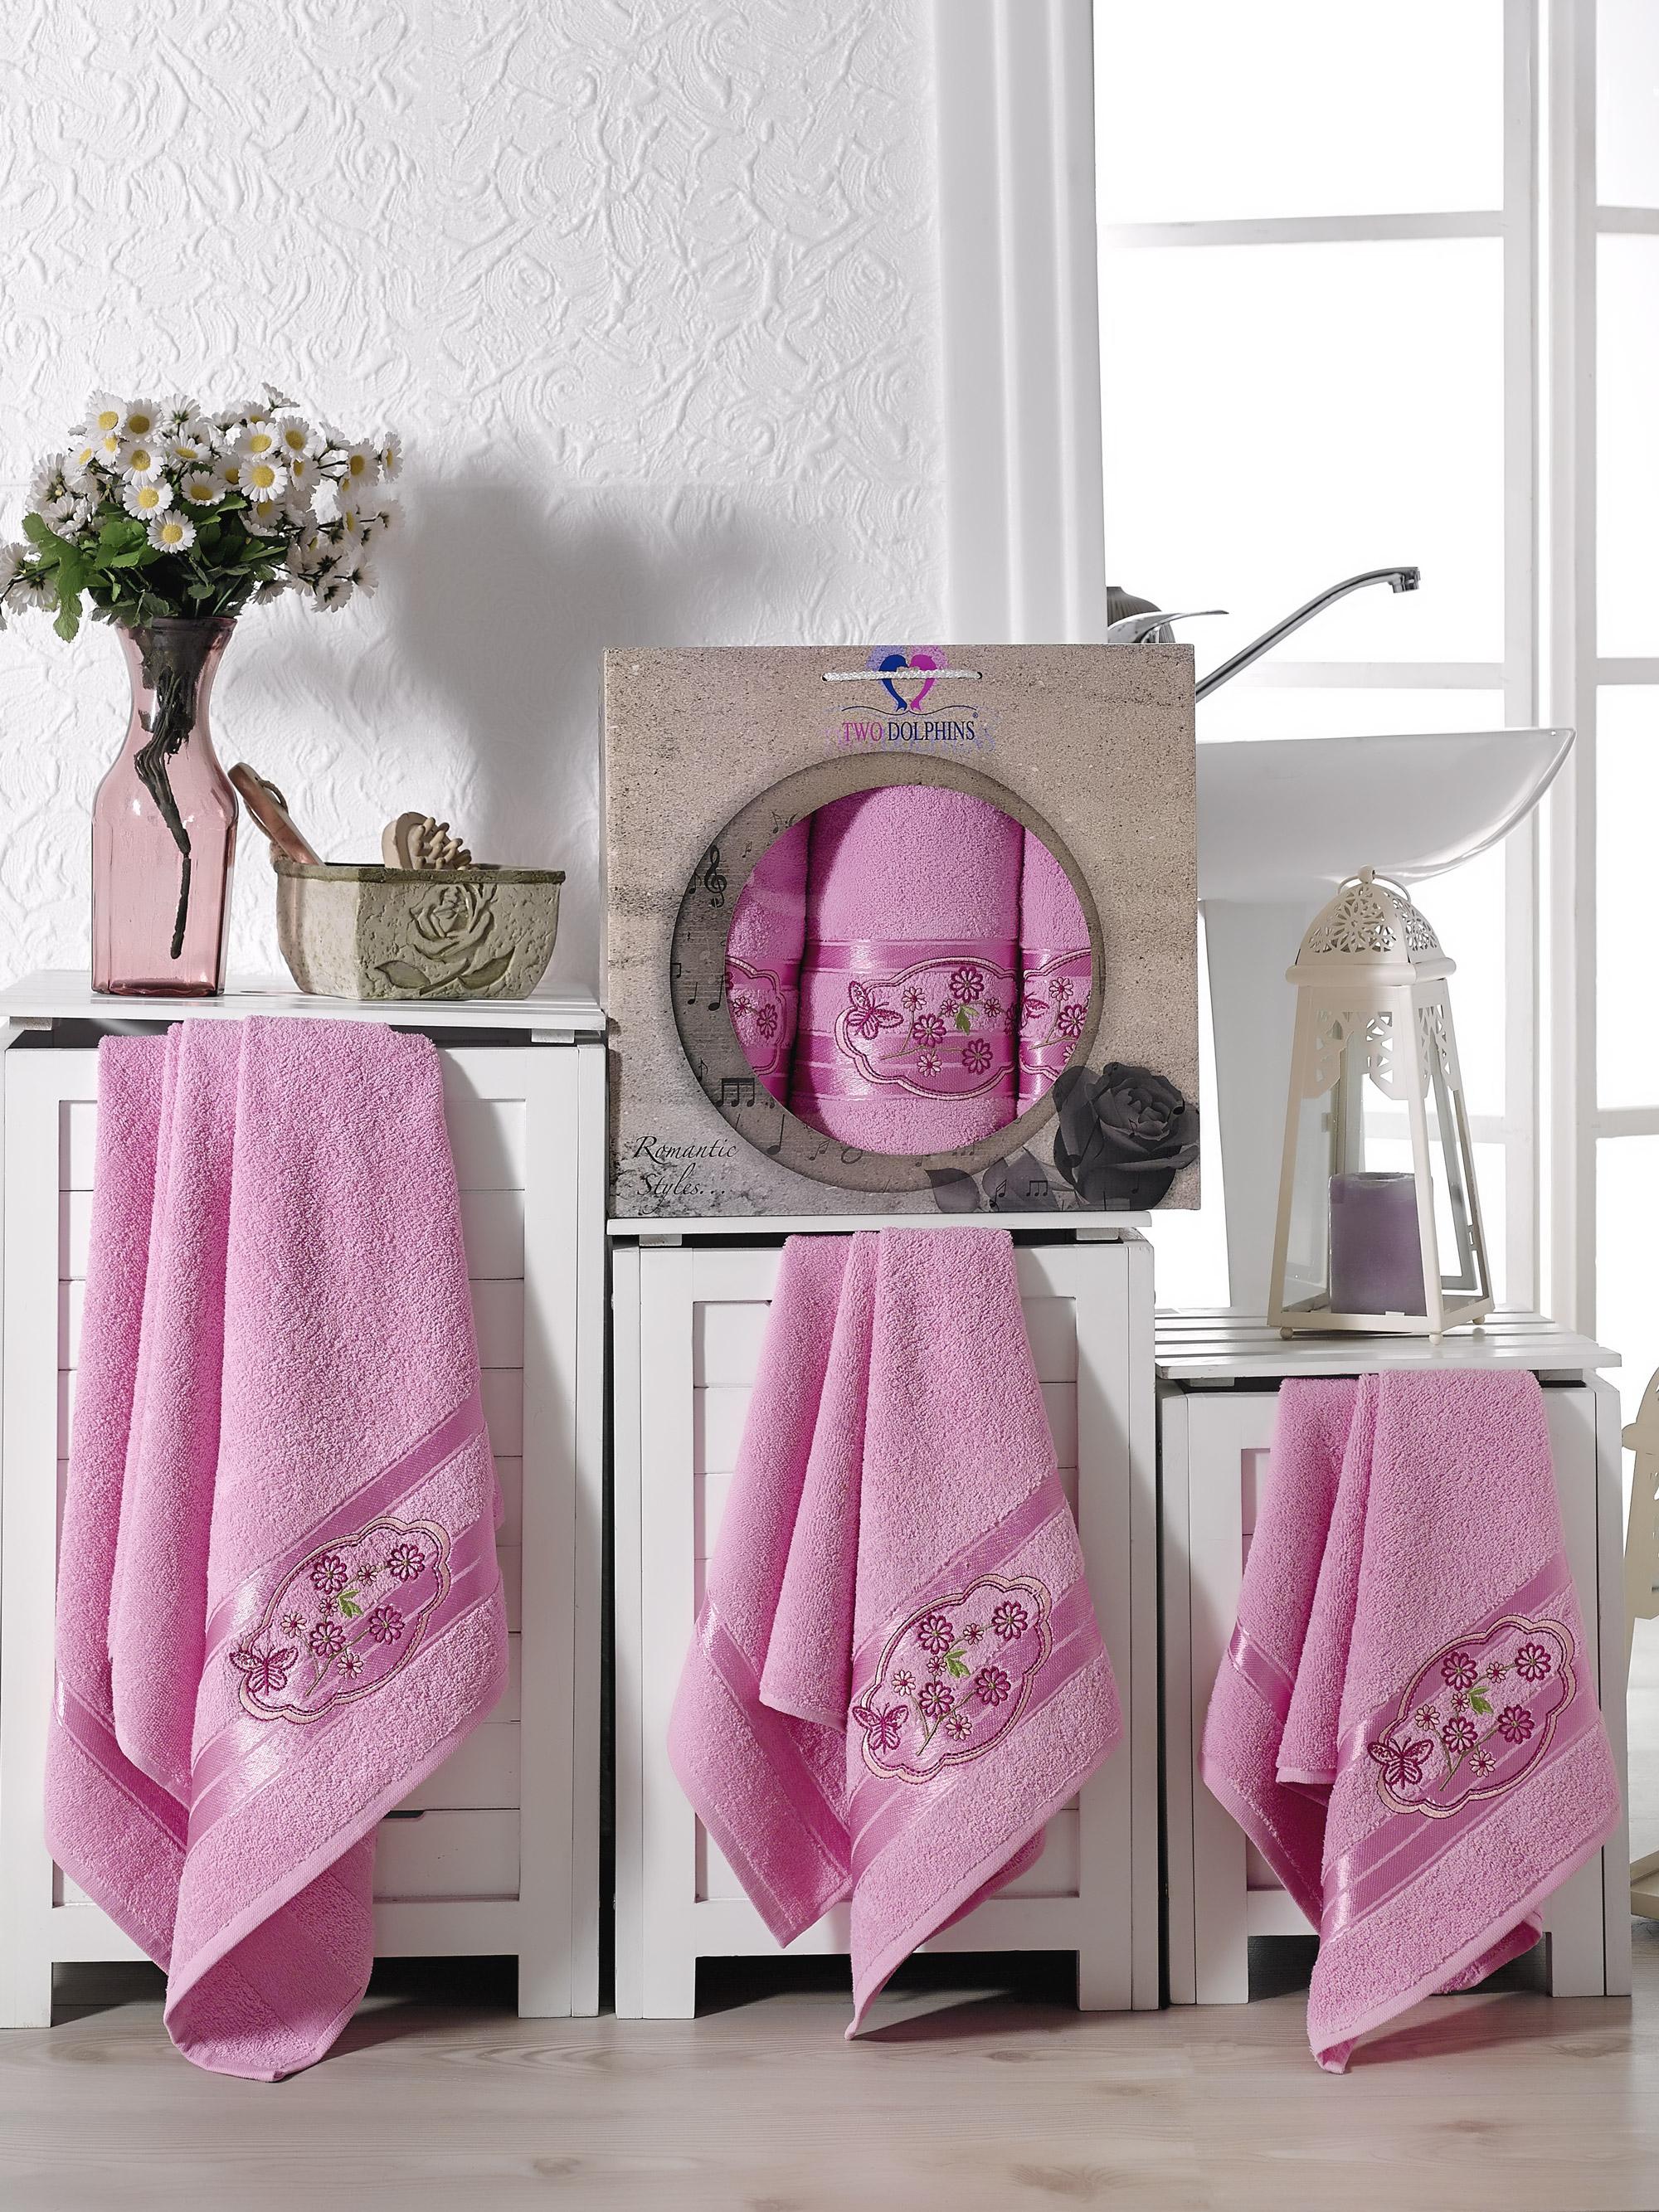 Полотенца Two Dolphins Полотенце Romantic Styles Цвет: Розовый (50х90 см - 2 шт,70х140 см) набор из 3 полотенец merzuka sakura 50х90 2 70х140 8432 терракотовый